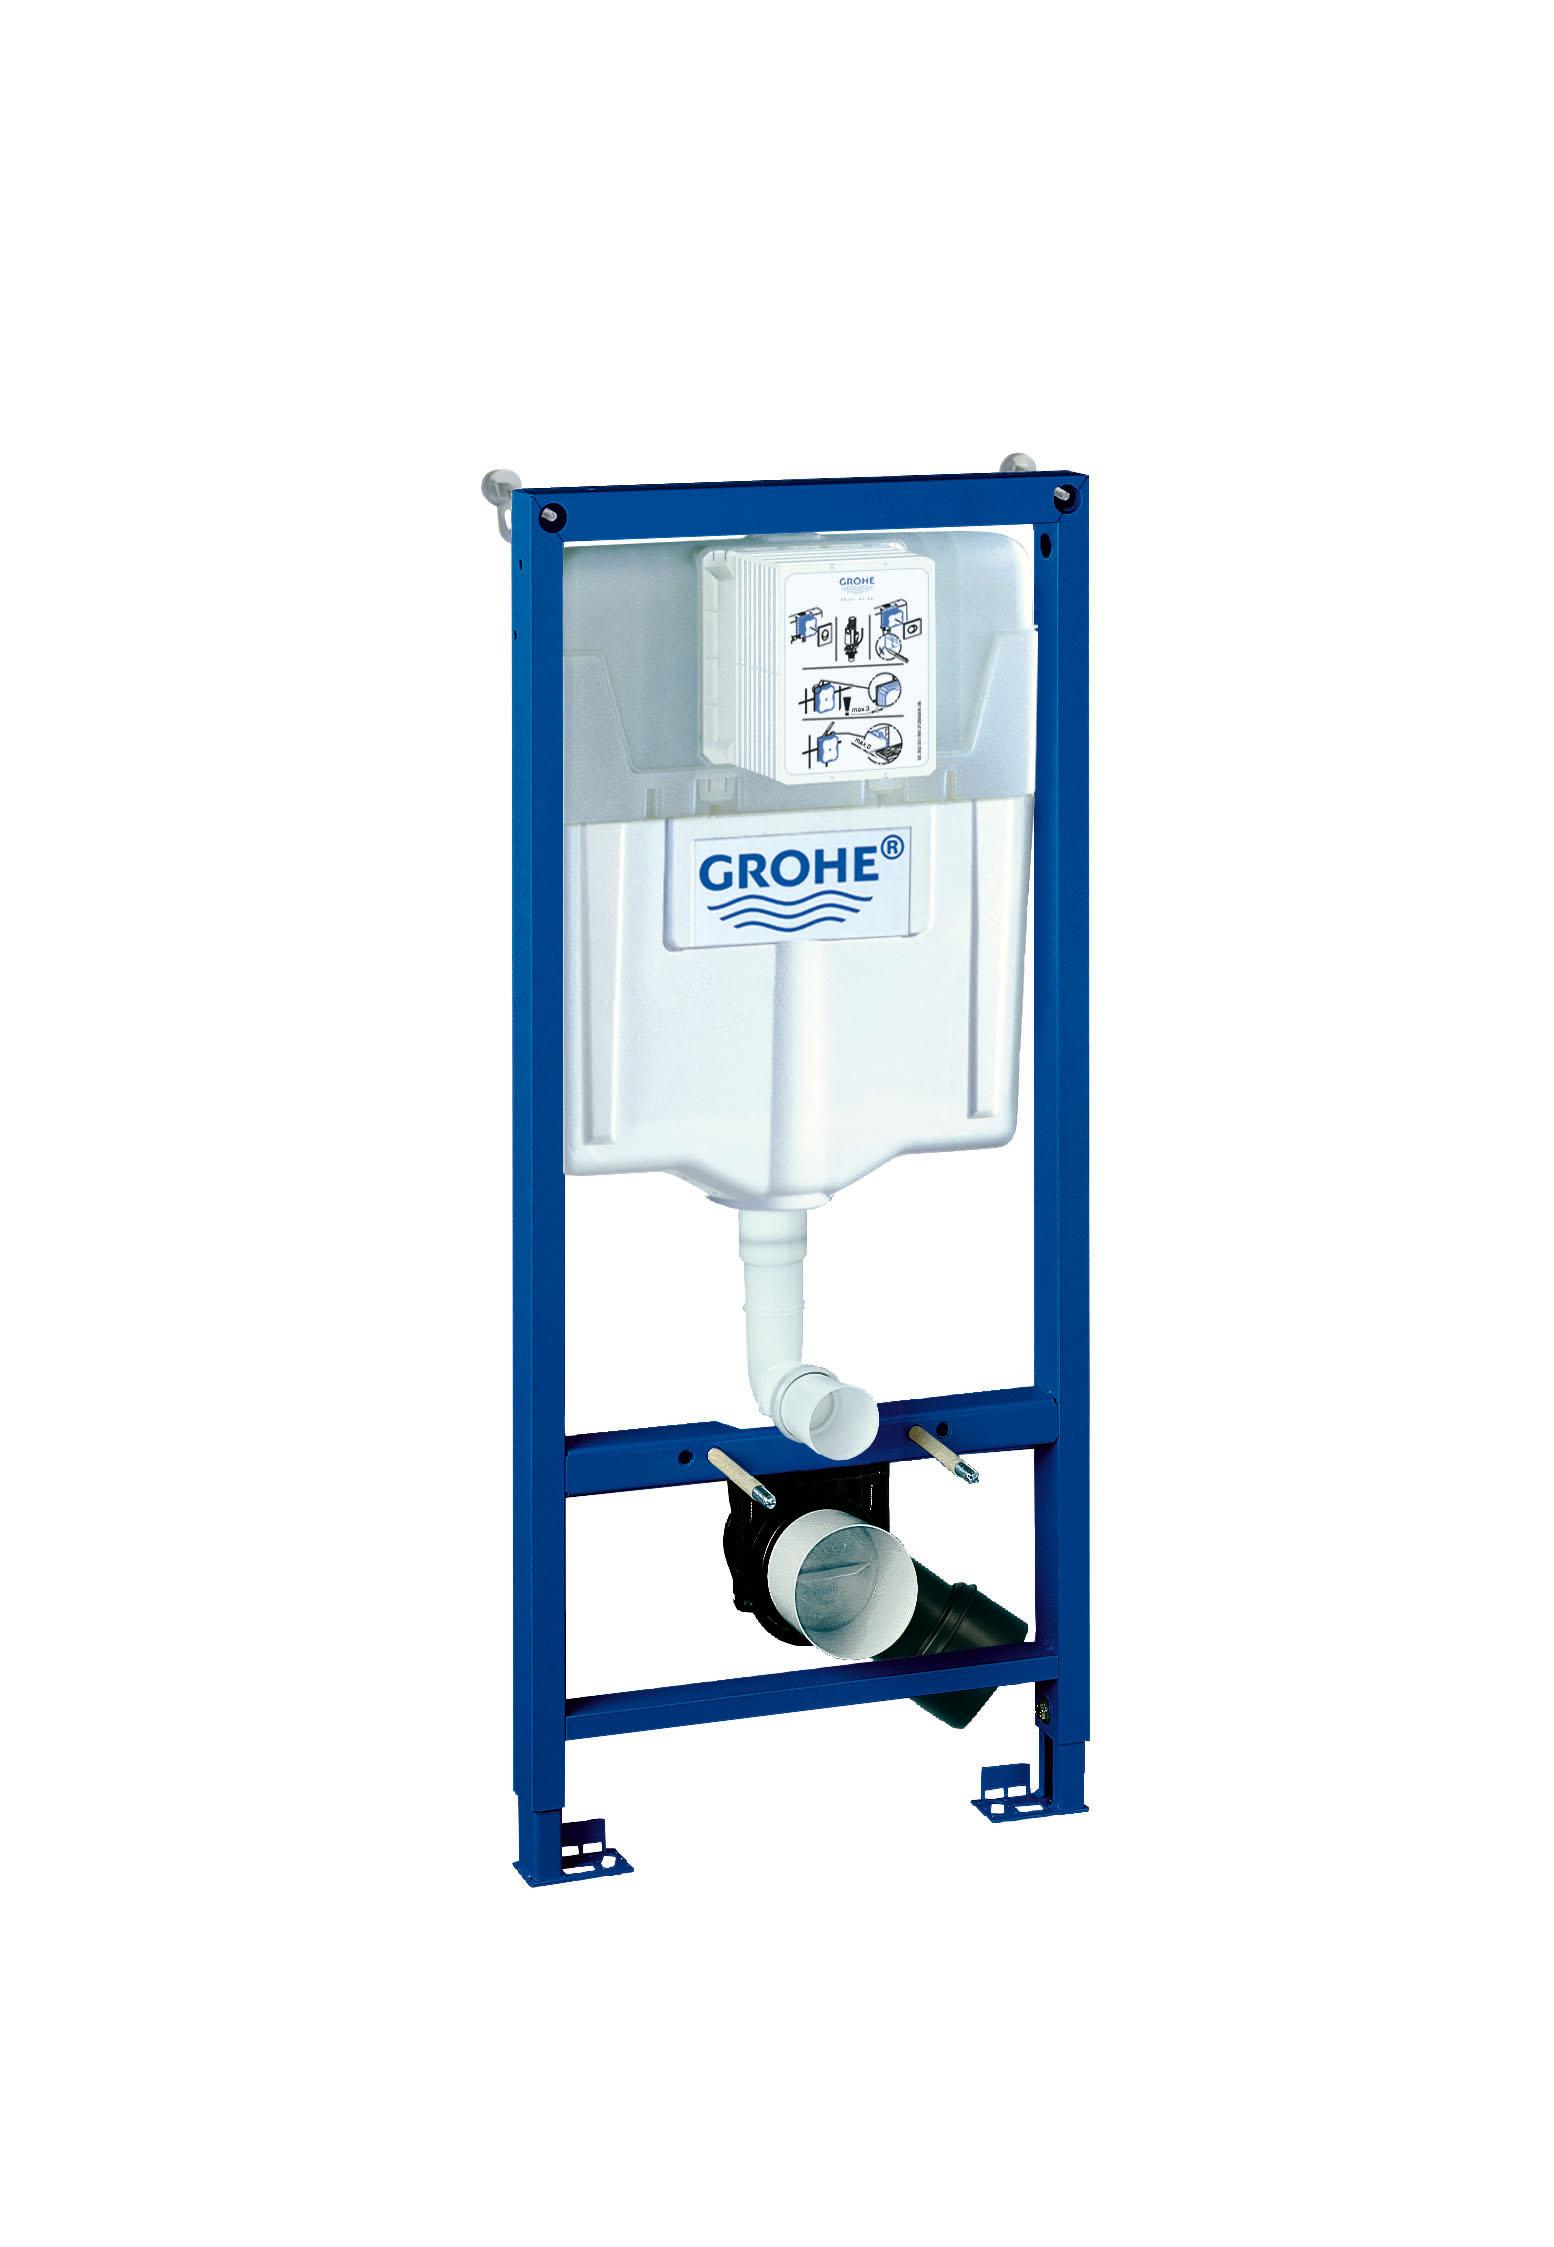 Система инсталляции для унитаза GROHE Rapid SL (1,13 м) (38536001)38536001Смывной бачок GD 2 С маленьким ревизионным окошком Монтажная высота 1,13 м Для монтажа перед стеной или стеной перегородкой Самонесущая стальная рама с Порошковым напылением Подготовлена для облицовки Фиксированные подключения Для одиночного или рядного монтажа Быстрая регулировка по высоте Крепежный материал Проверено -TUEV 2 болта-держателя для унитаза Крепление для керамики Расстояние между болтами 180/230 мм Выходной патрубок для унитаза O 90 мм Регулировка глубины монтажа Редуктор O 90/110 мм Впускной и смывной гарнитуры Смывной бачок GD 2, 6 - 9 л Заводская настройка 6 л и 3 л Пневматический смывной клапан с тремя режимами Слива: 2-х объёмный, старт/стоп, или непрерывный Подключение воды слева, справа и сзади Арматурная группа I В соответствии с DIN С изоляцией от конденсационной влаги Подключение воды DN 15 Для вертикального или...